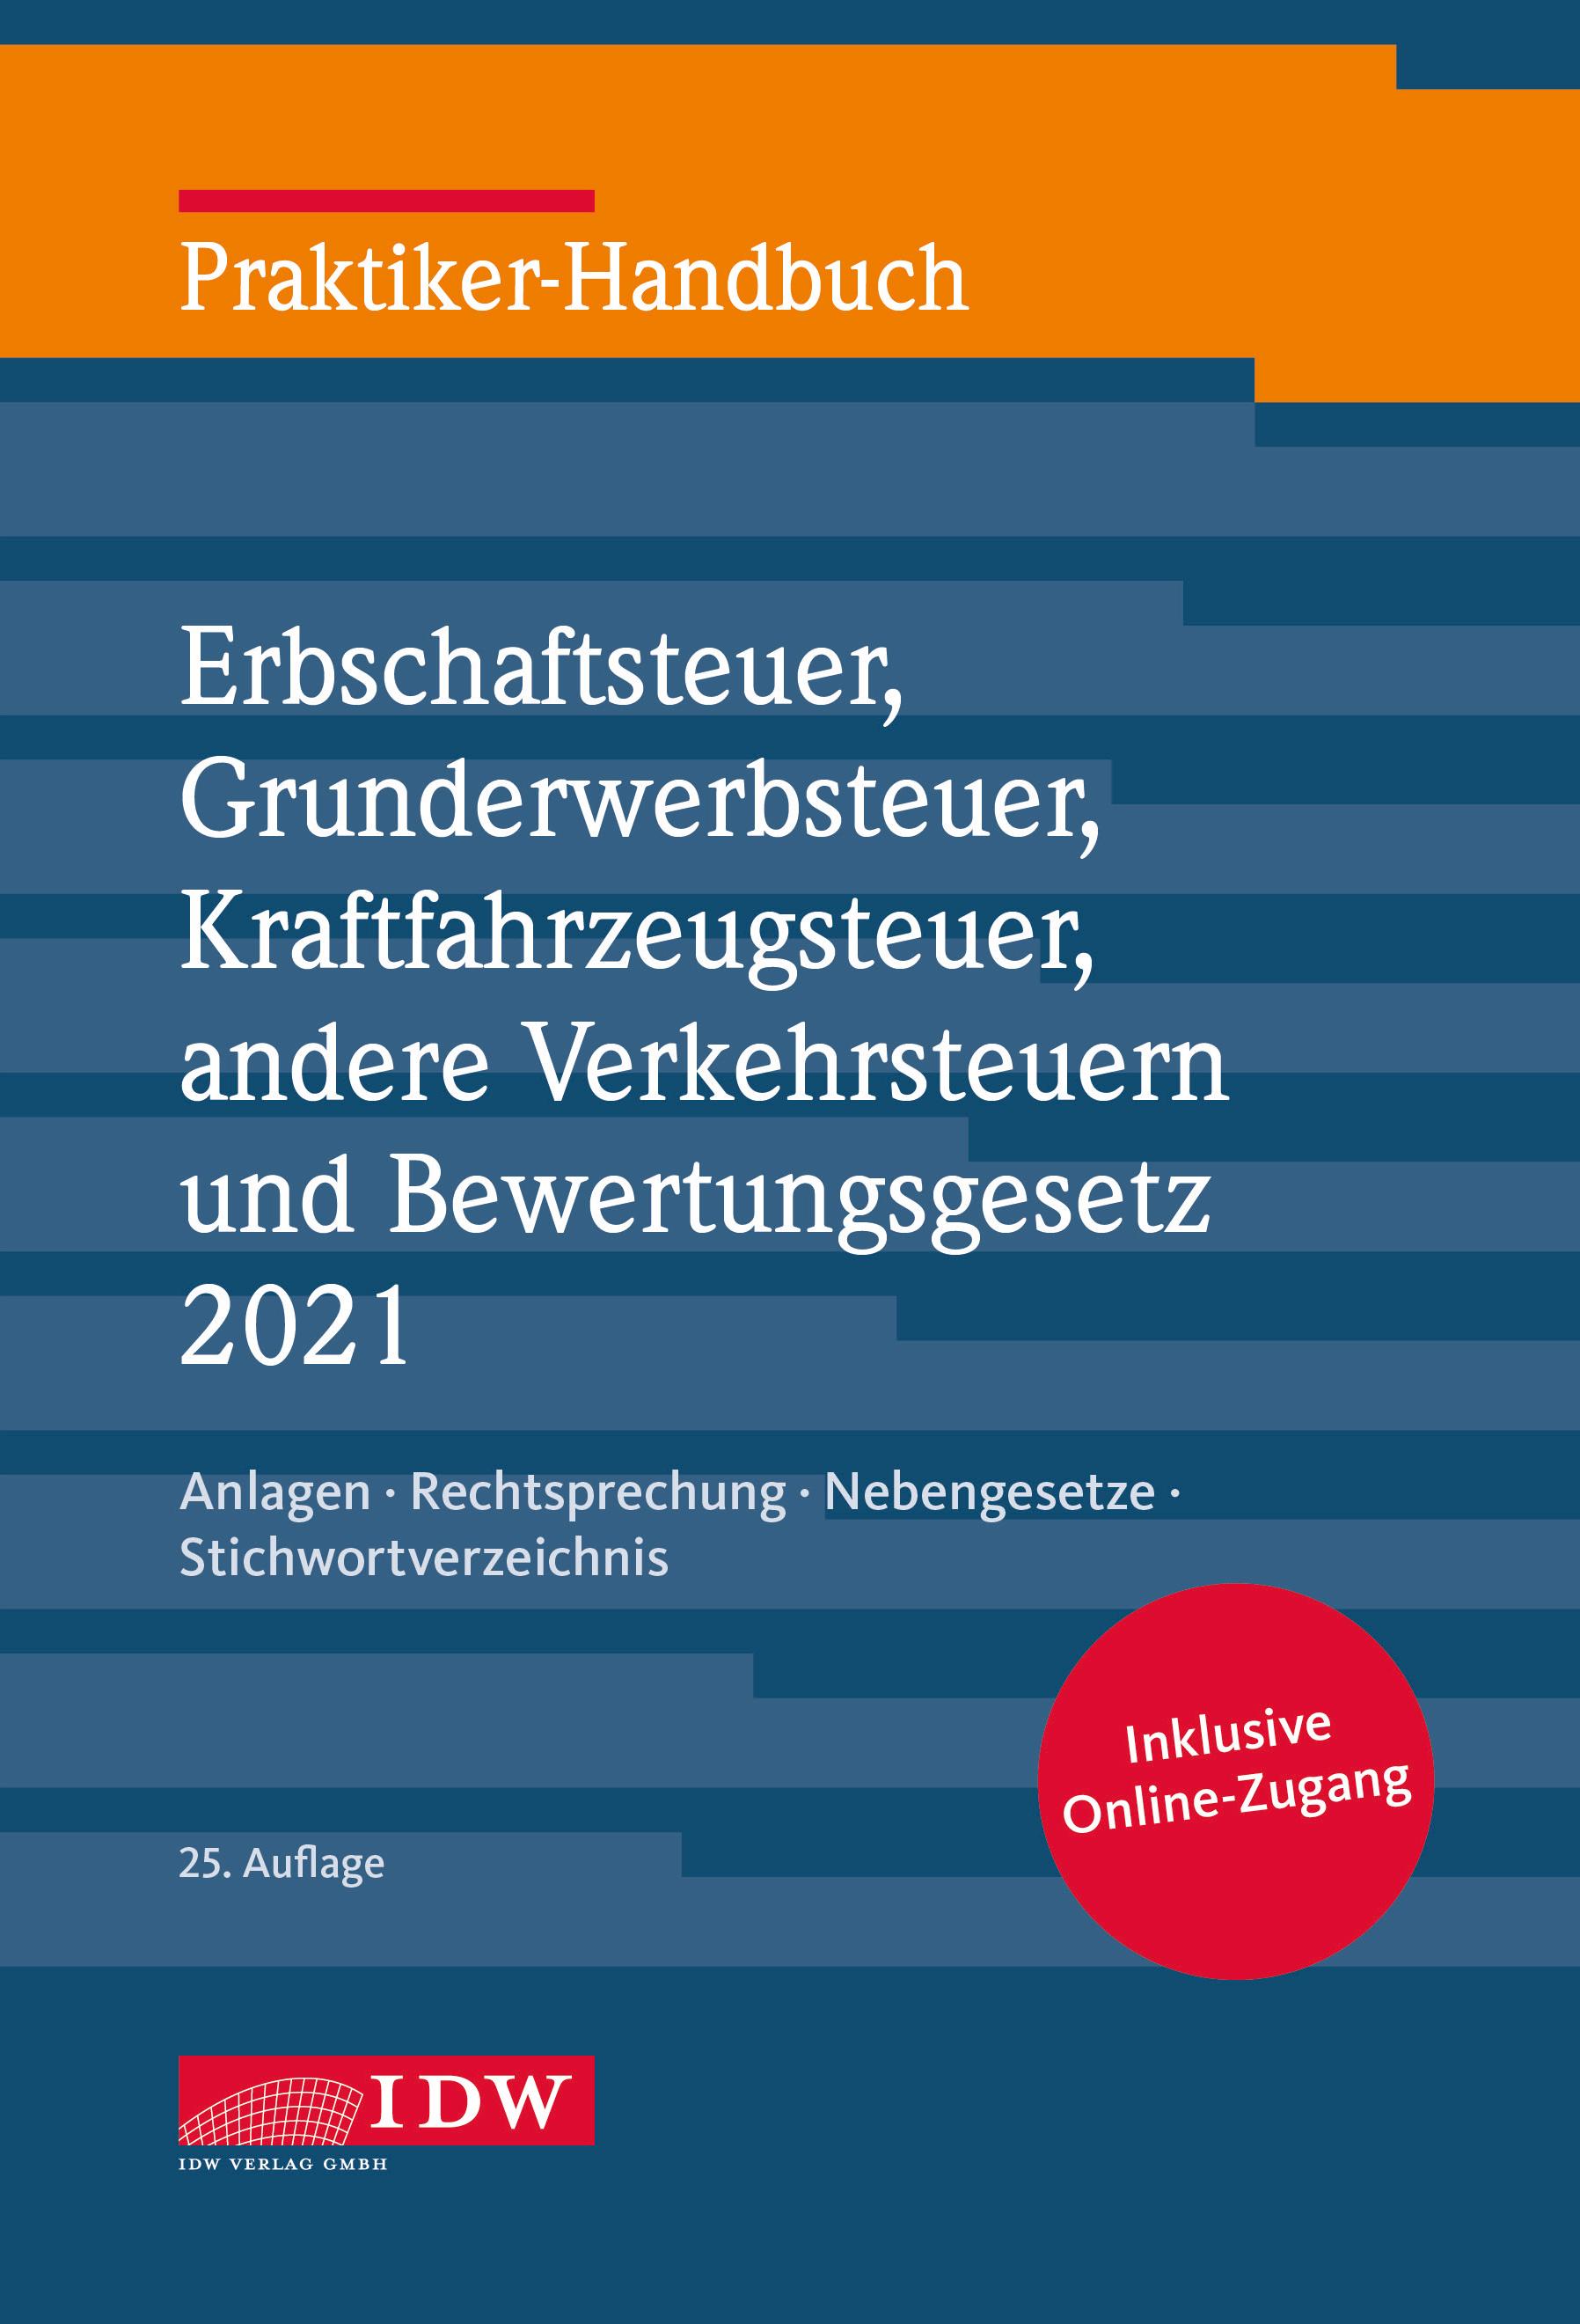 Praktiker-Handbuch Erbschaftsteuer, Grunderwerbsteuer, Kraftfahrzeugsteuer, Andere Verkehrsteuern 2021 Bewertungsgesetz: Anlagen, Rechtsprechung, Nebengesetze, Stichwortverzeichnis